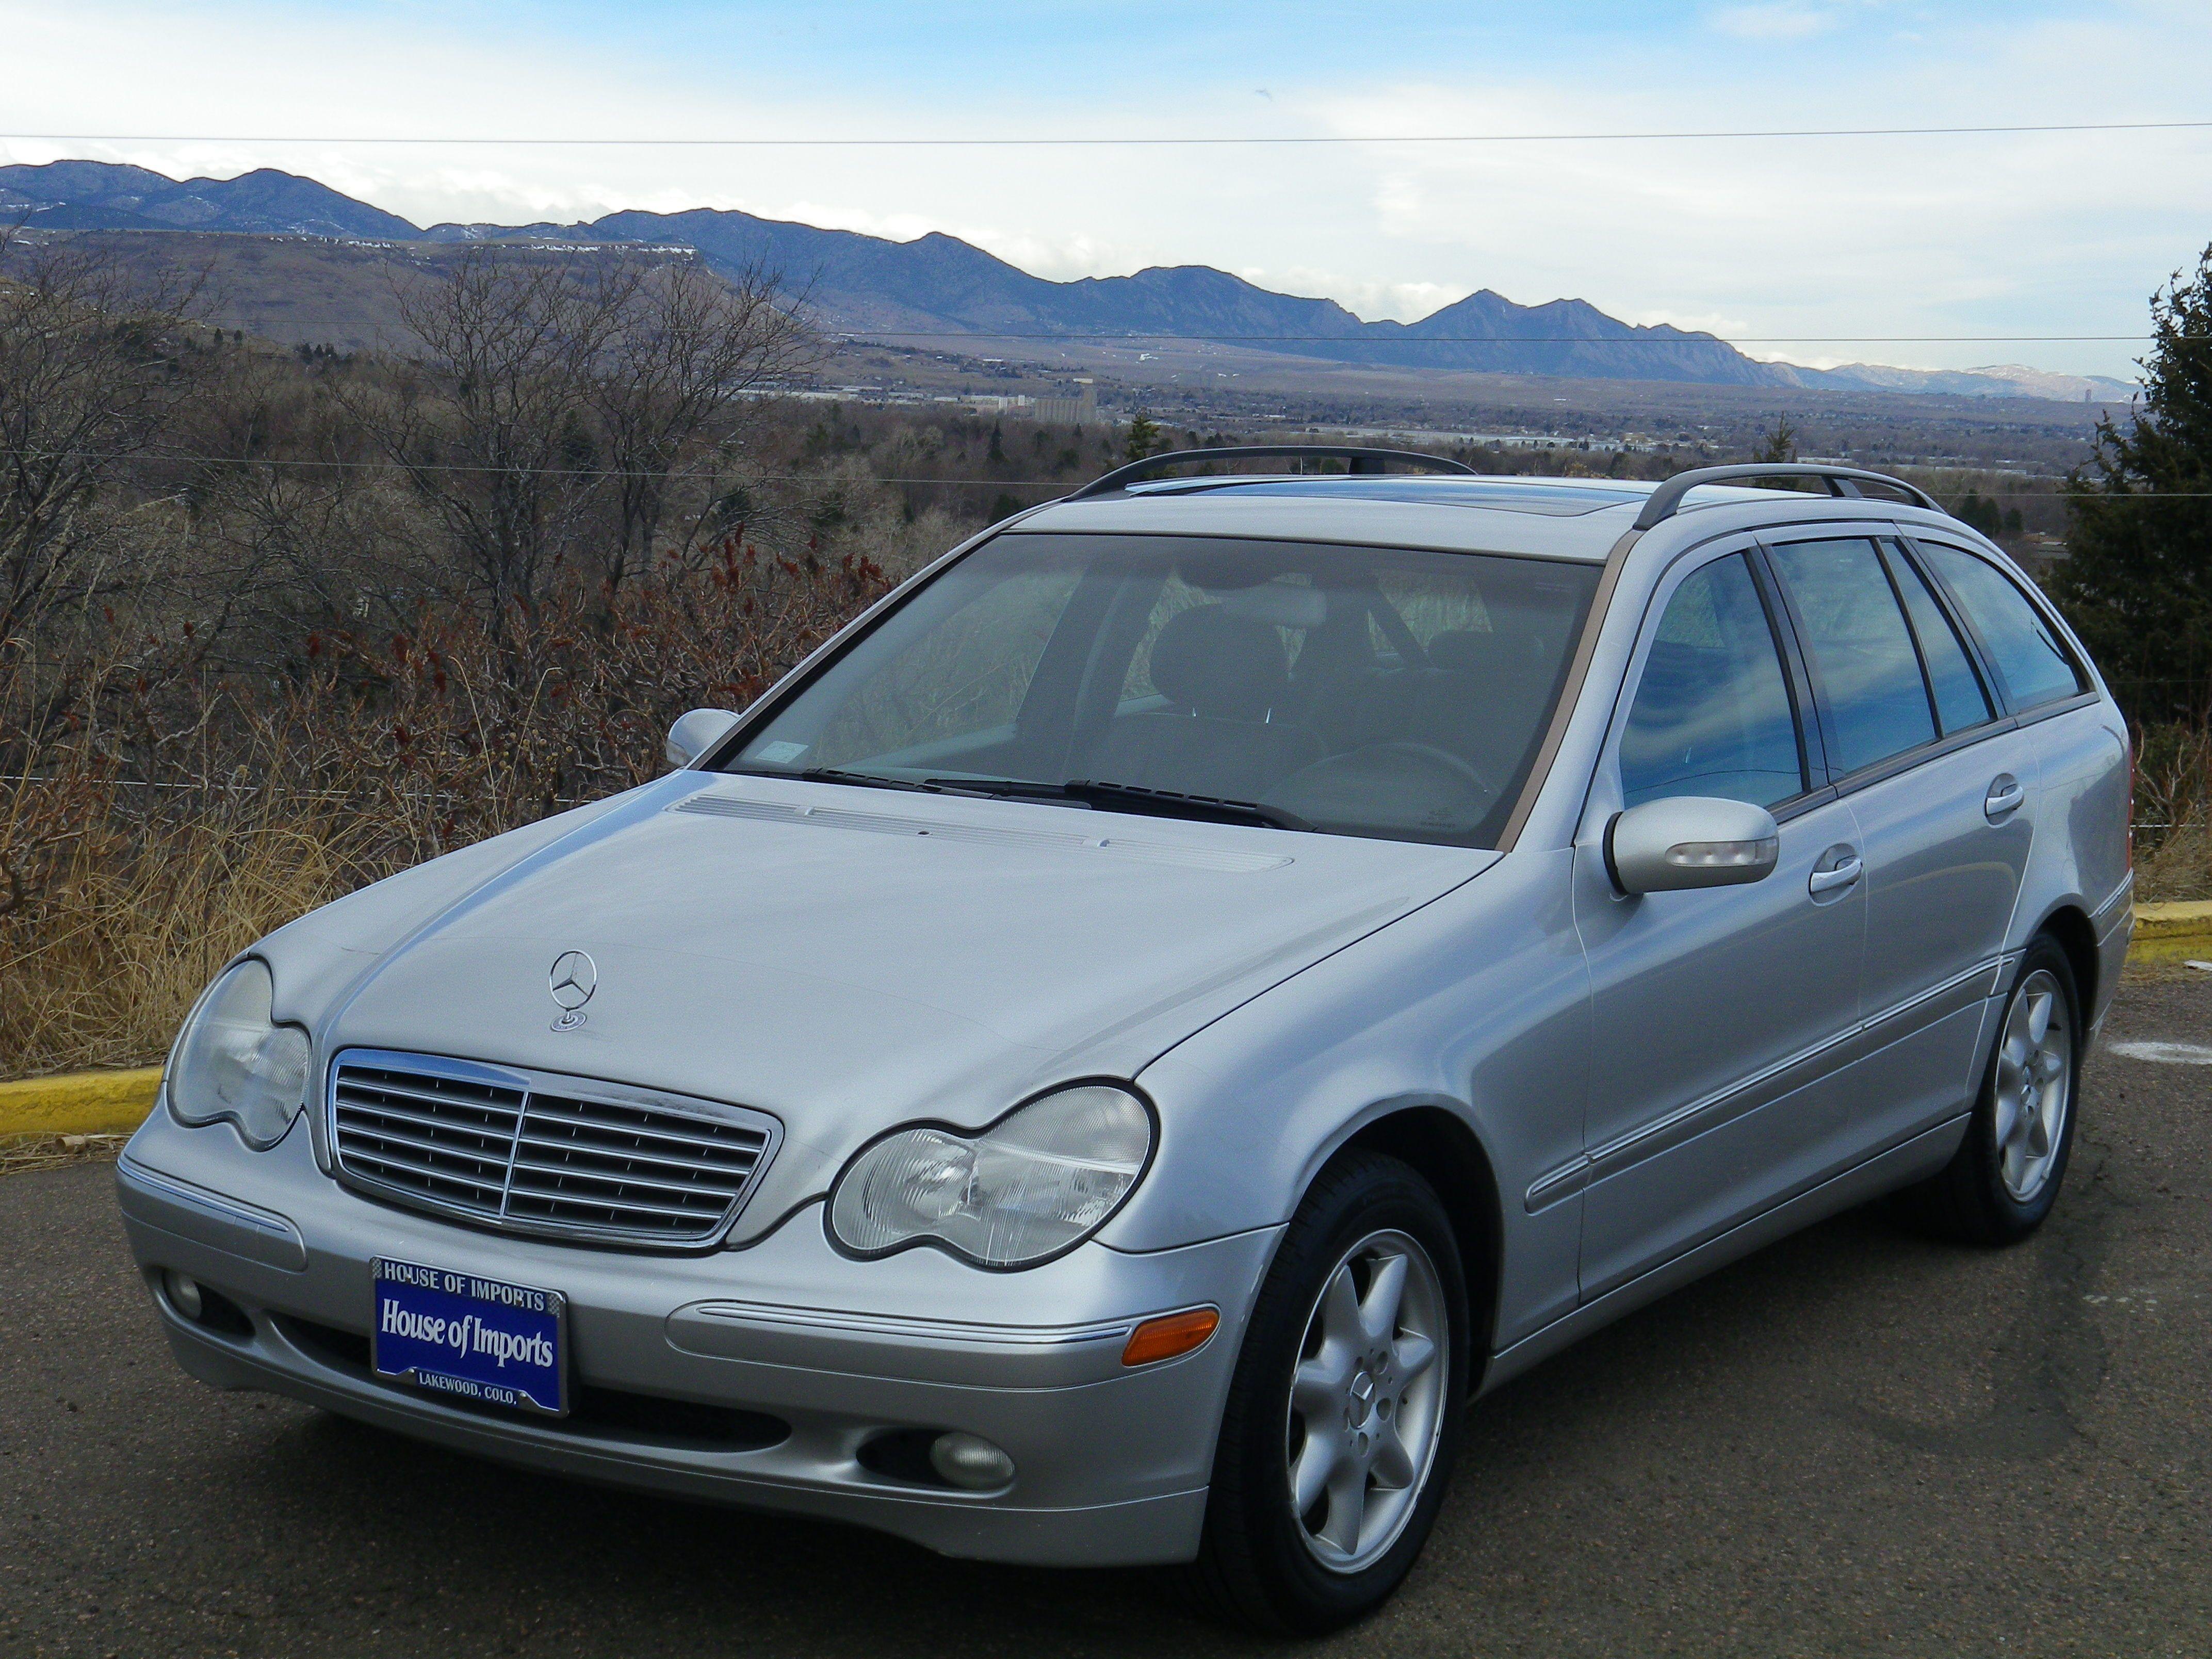 2004 Mercedes Benz C240 4 Matic Wagon Odometer 117 419 V I N